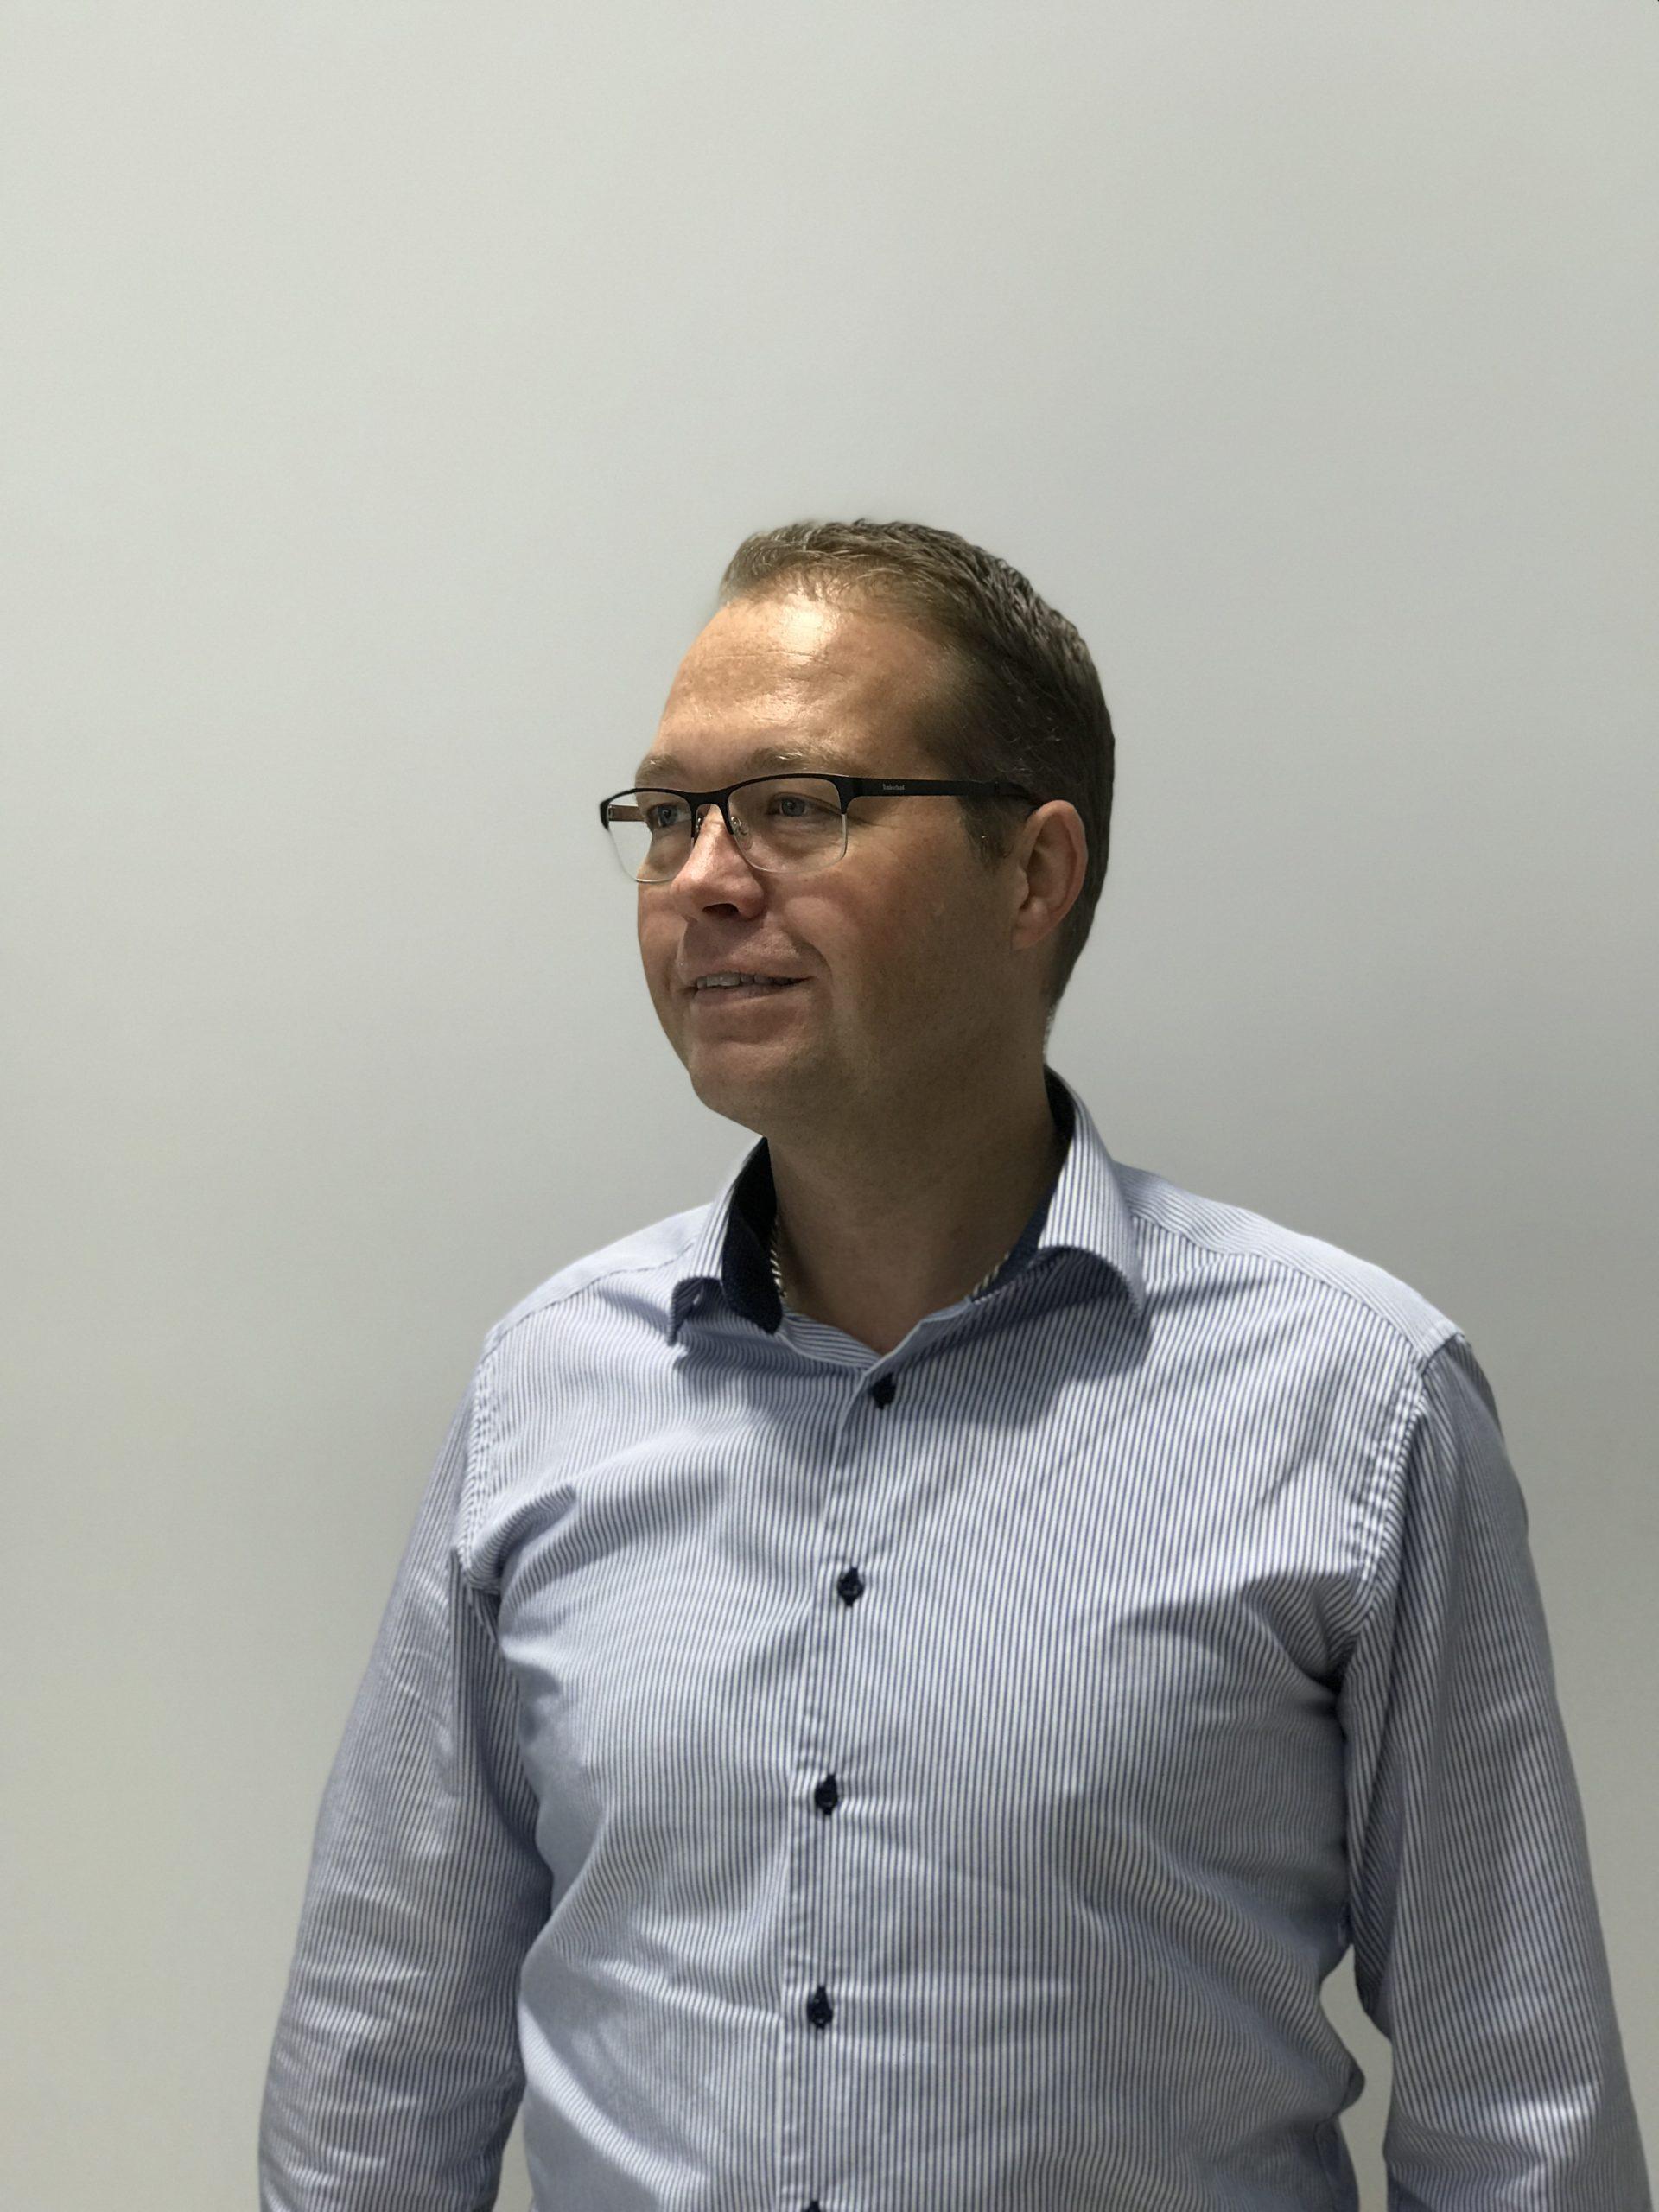 Jesper Seehusen